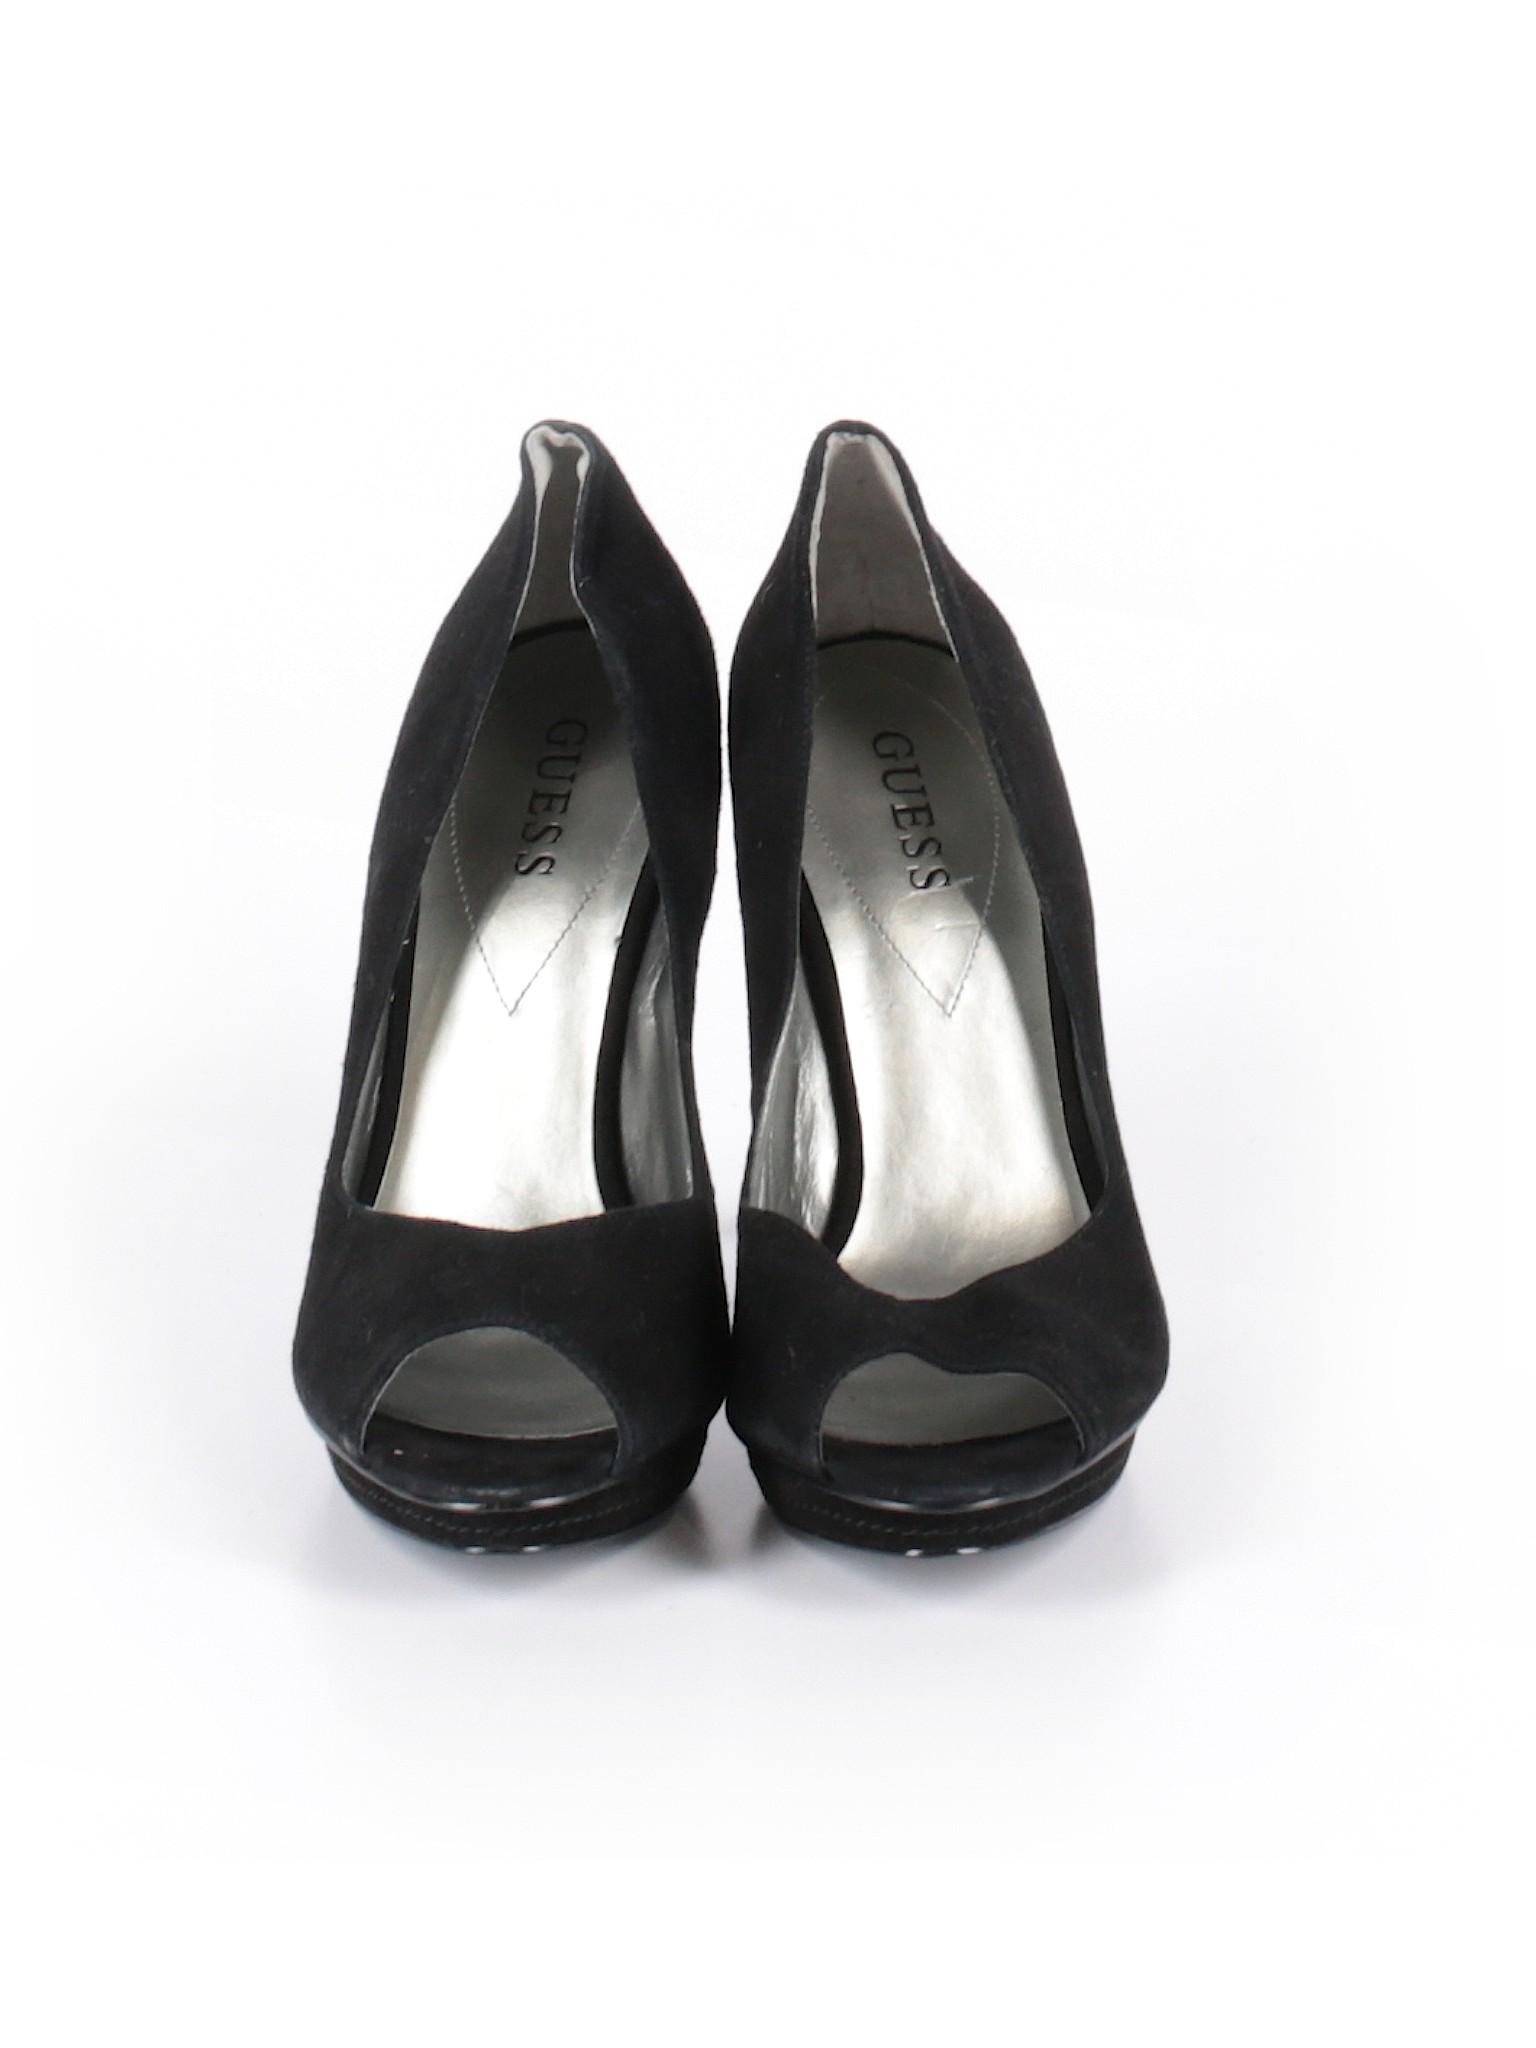 Boutique Boutique Guess promotion promotion Boutique Heels Guess Guess Heels Heels promotion OnqSWYCn